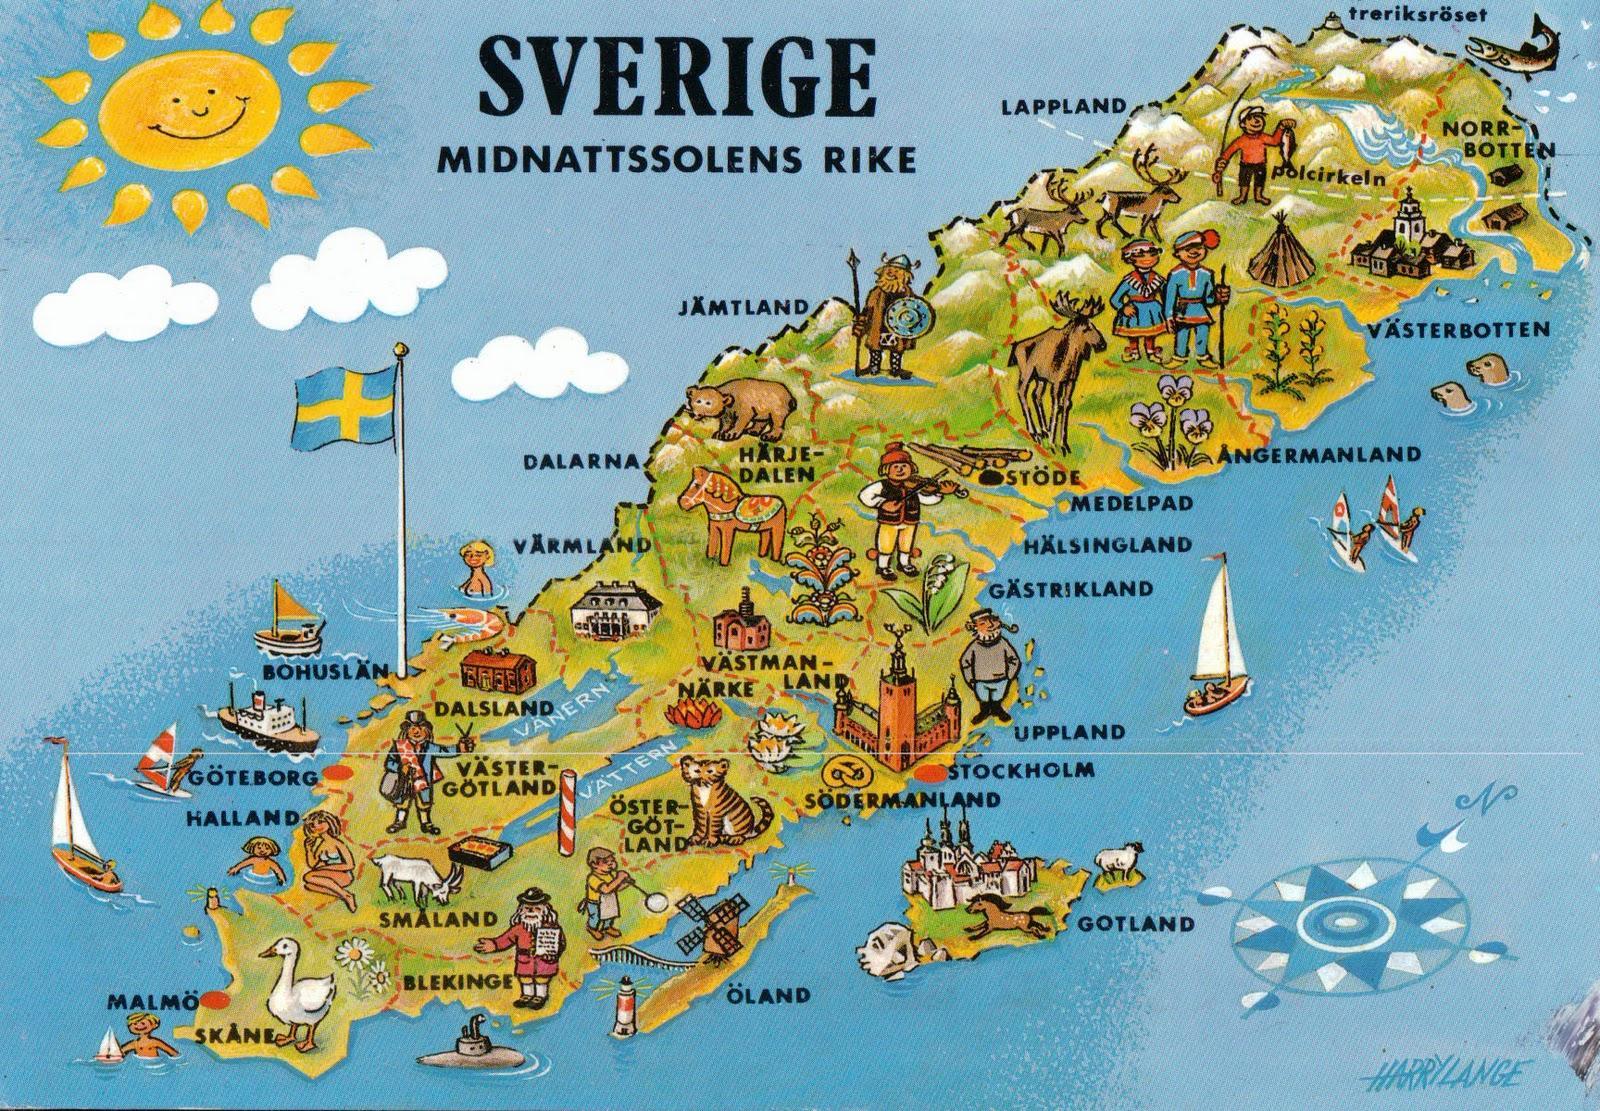 kart nord europa Sverige turist kart   Turist kart Sverige (Nord Europa   Europa) kart nord europa